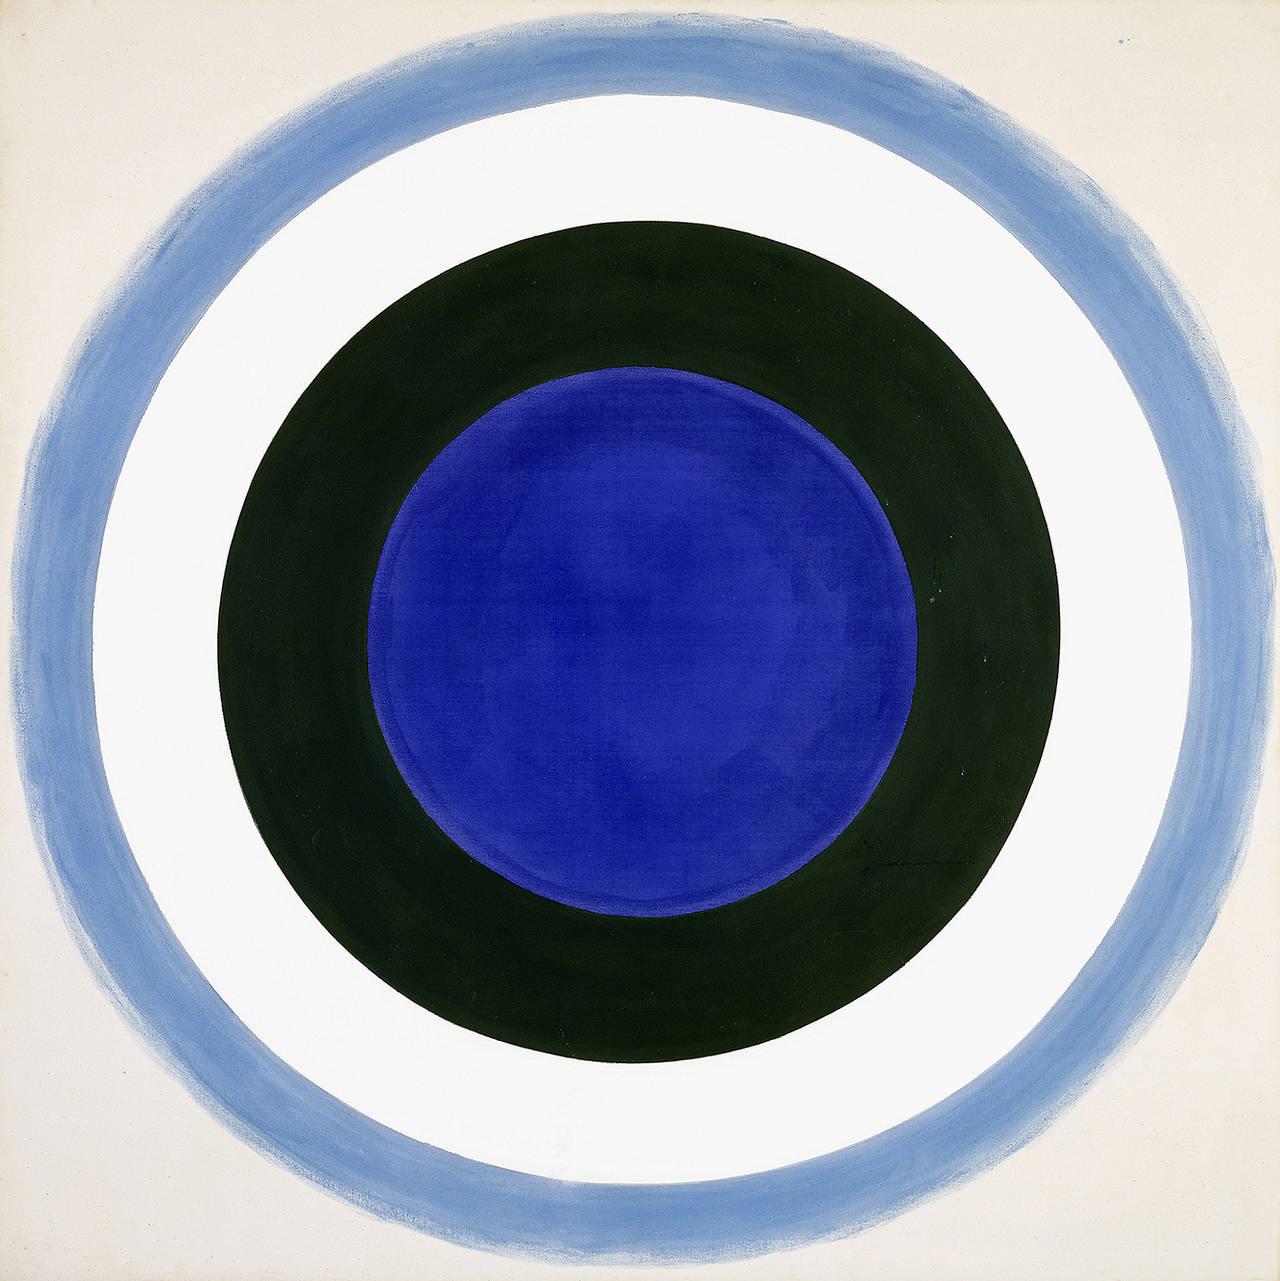 Kenneth Noland, Blue Extent, 1962, acrilico su tela. Collezione privata. © 2016 Foto Scala Firenze.